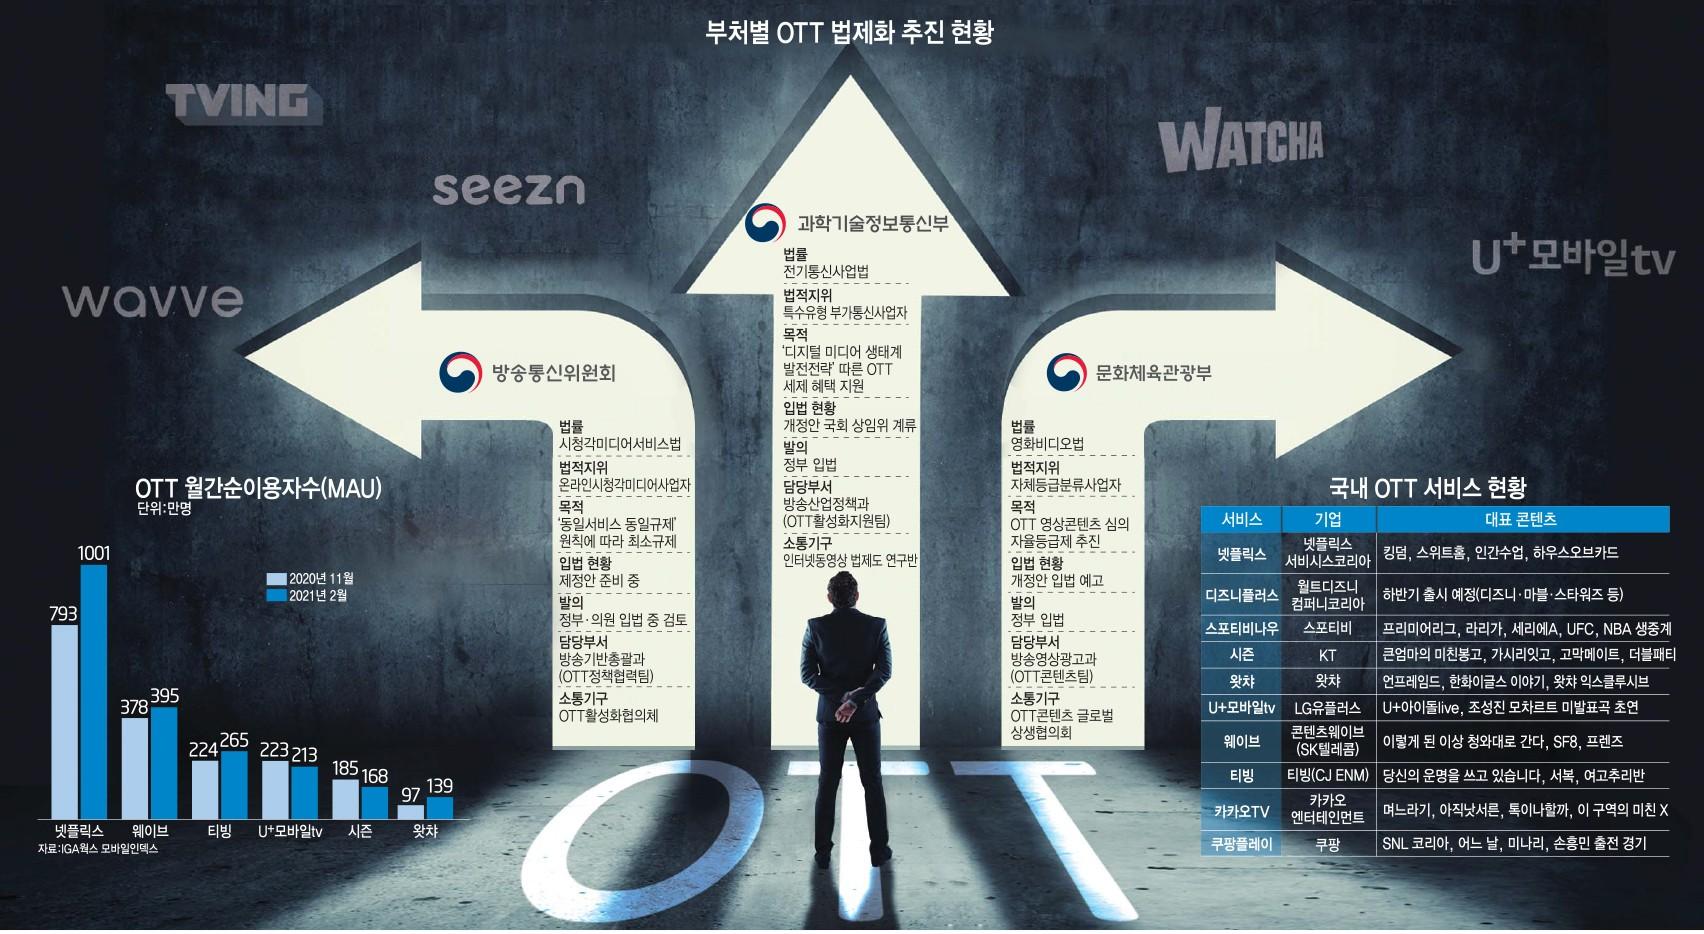 [이슈분석]과기정통부·방통위·문체부, OTT 법제화 '동상三몽'